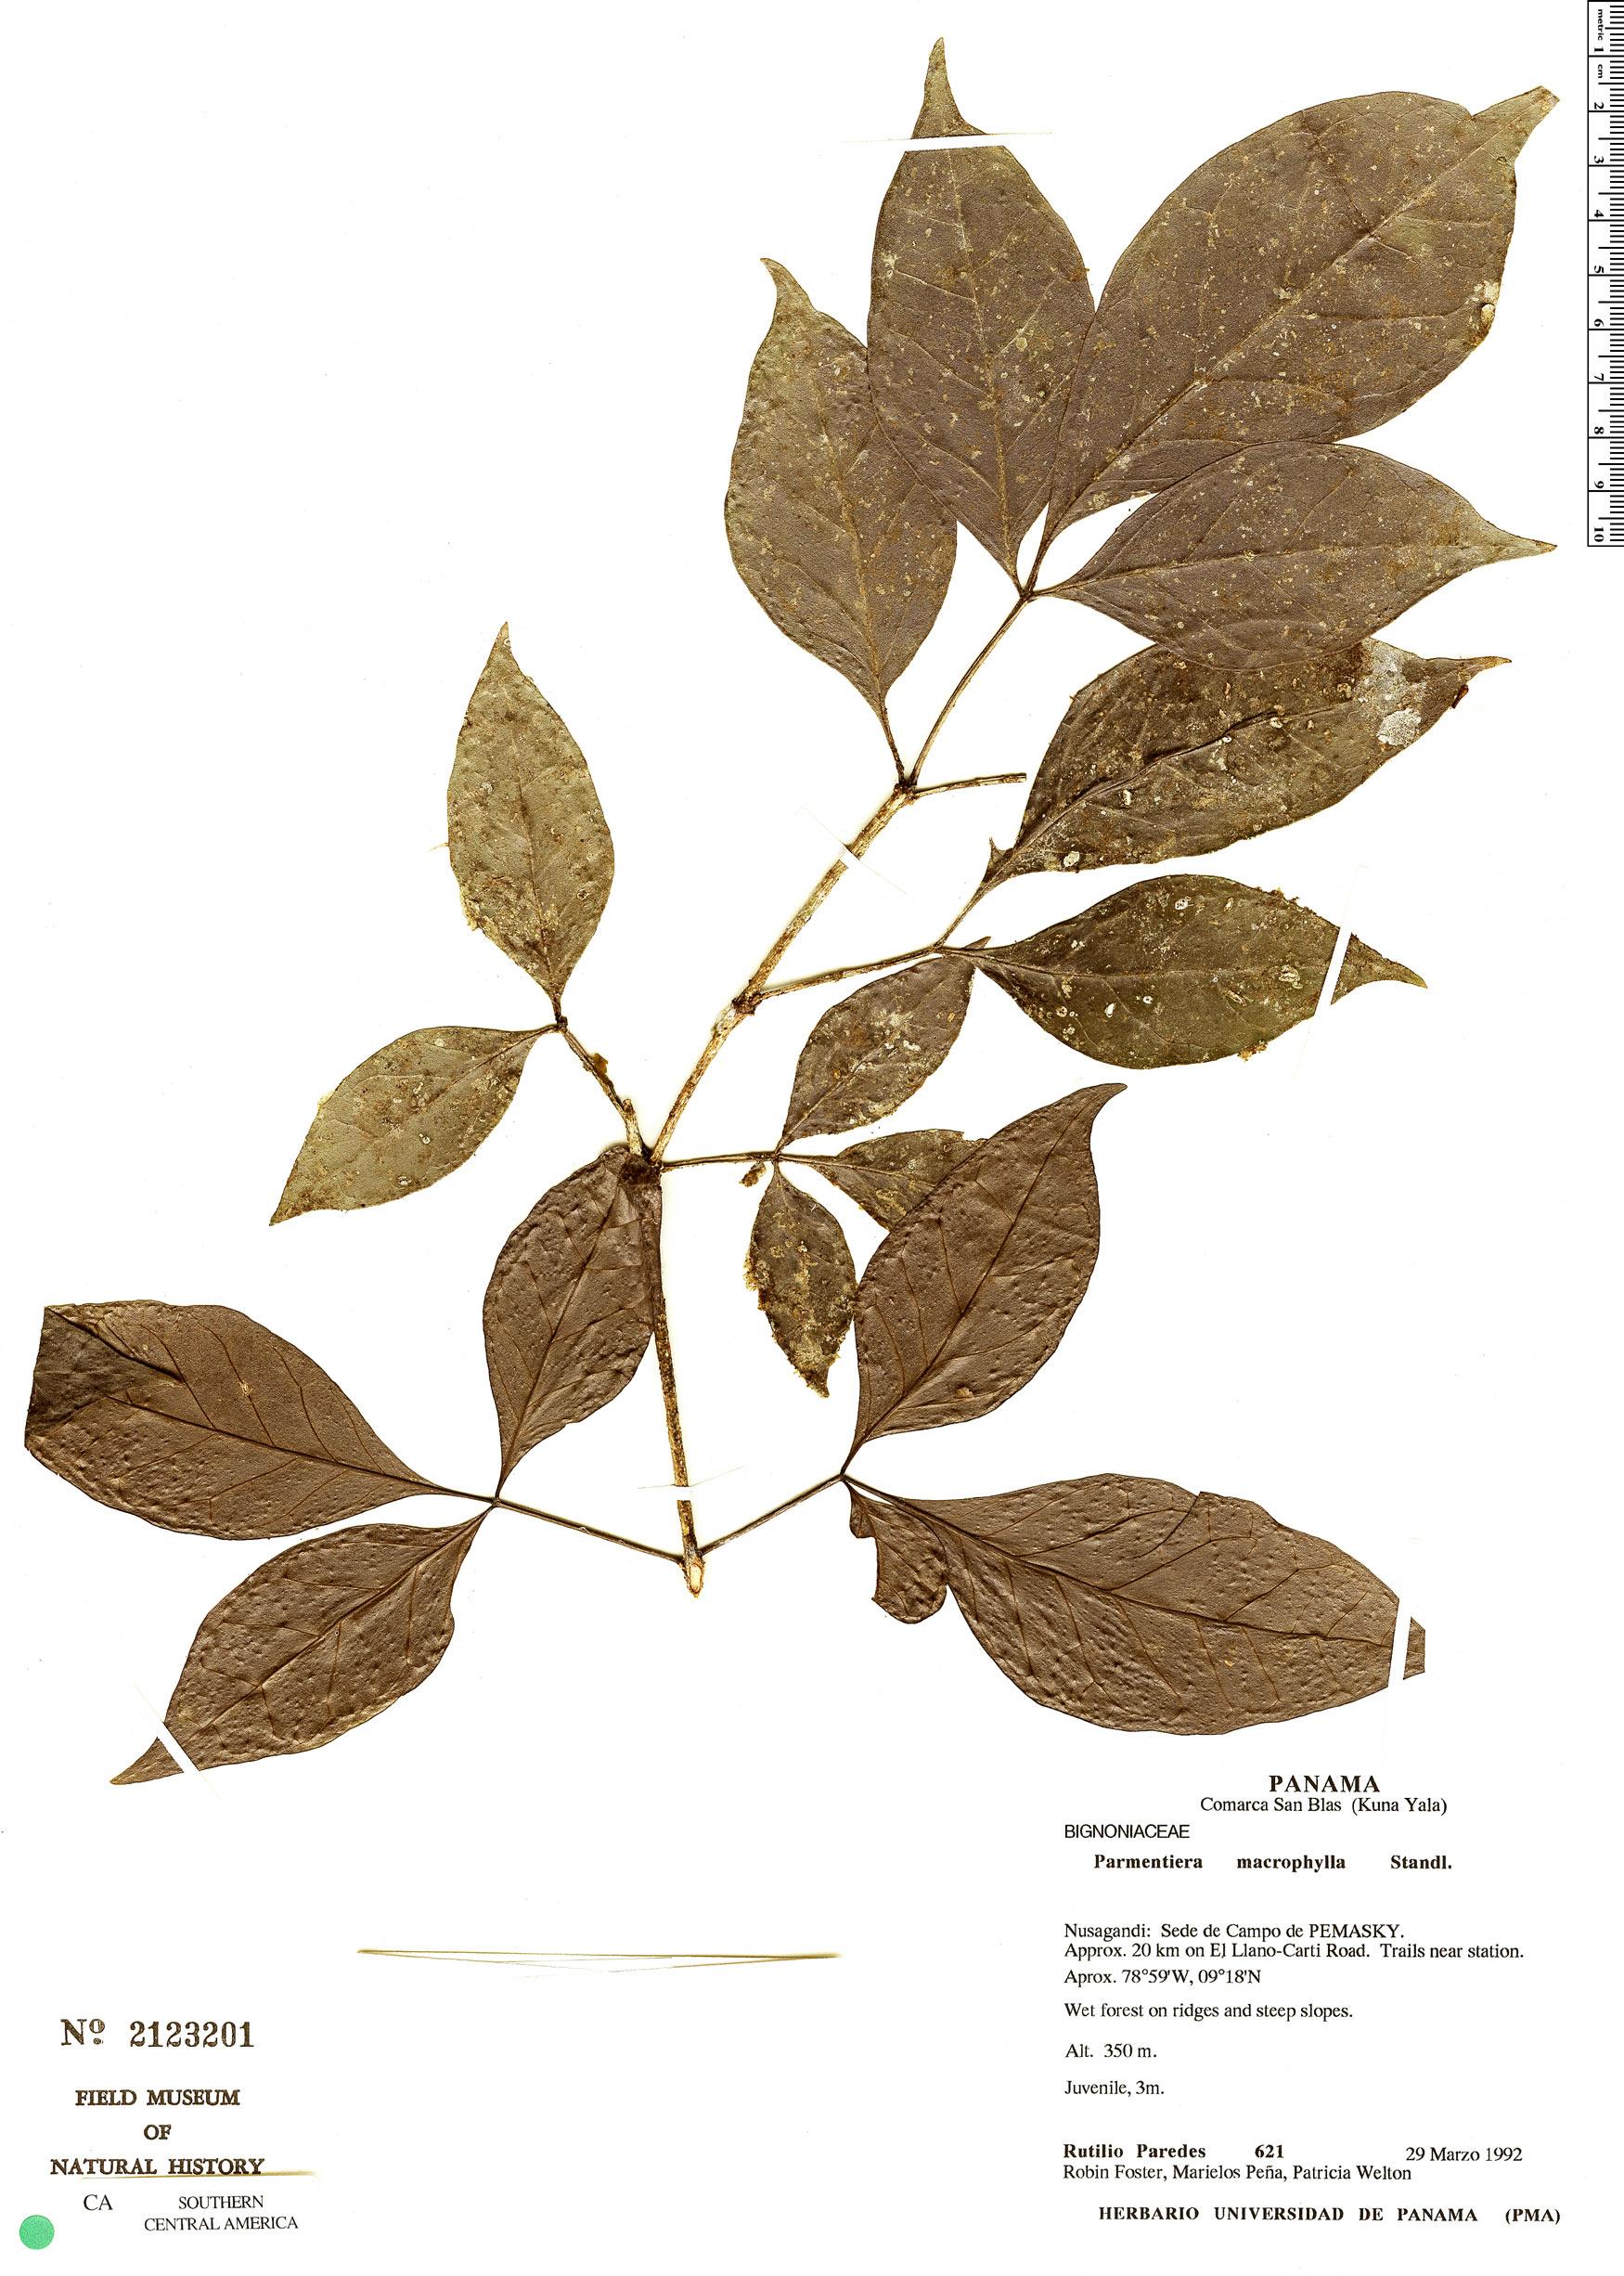 Specimen: Parmentiera macrophylla